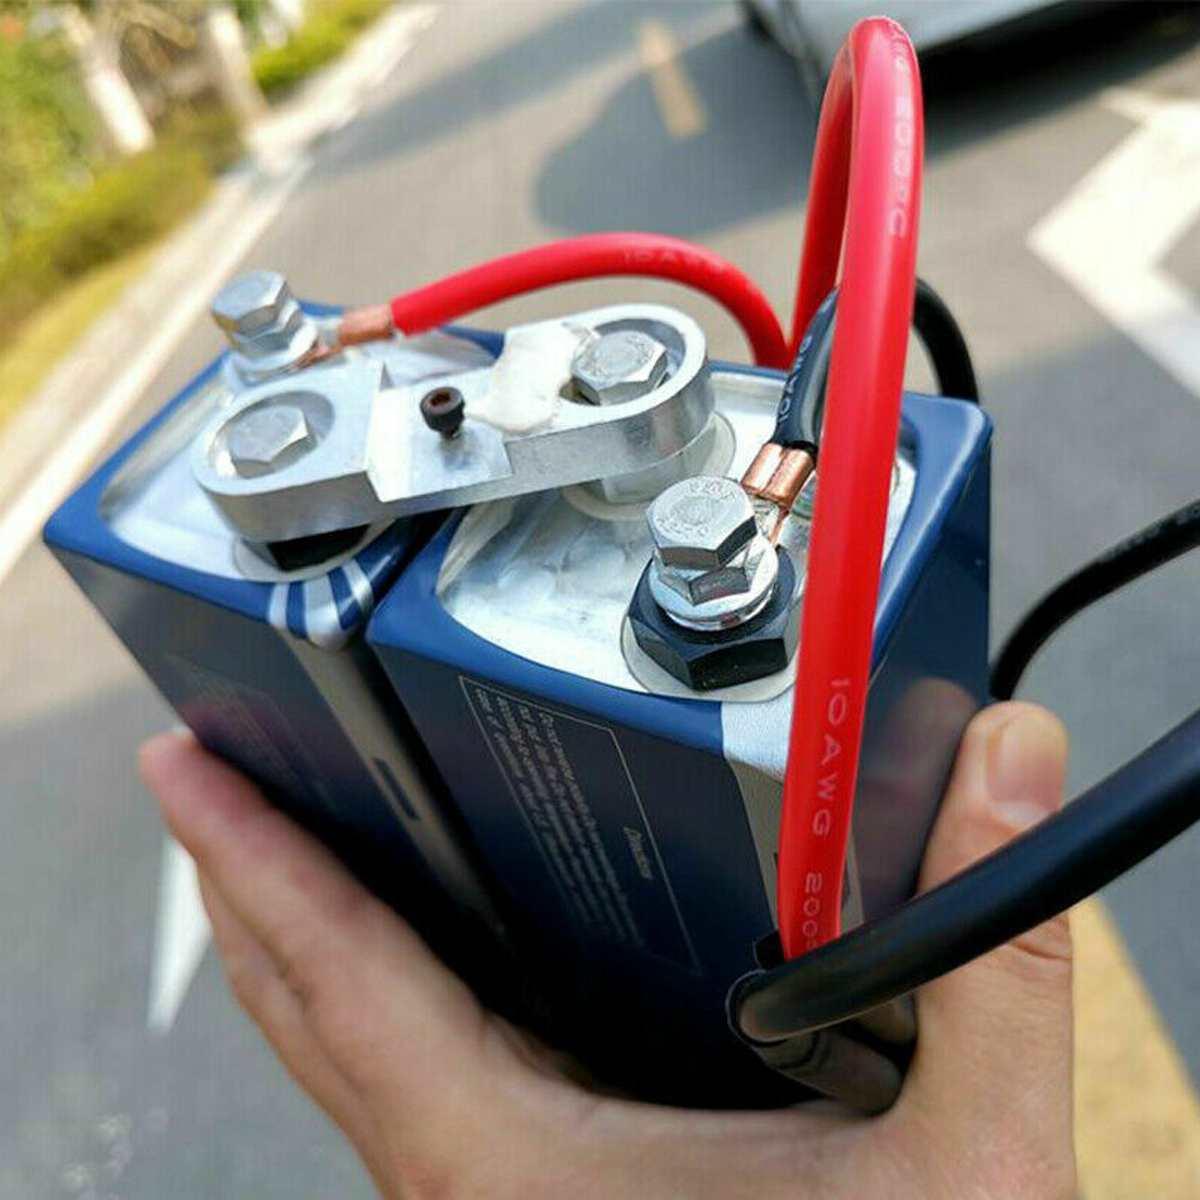 18650 2.8V Battery Box Assembly Welding DIY Homemade Small Battery Spot Welder